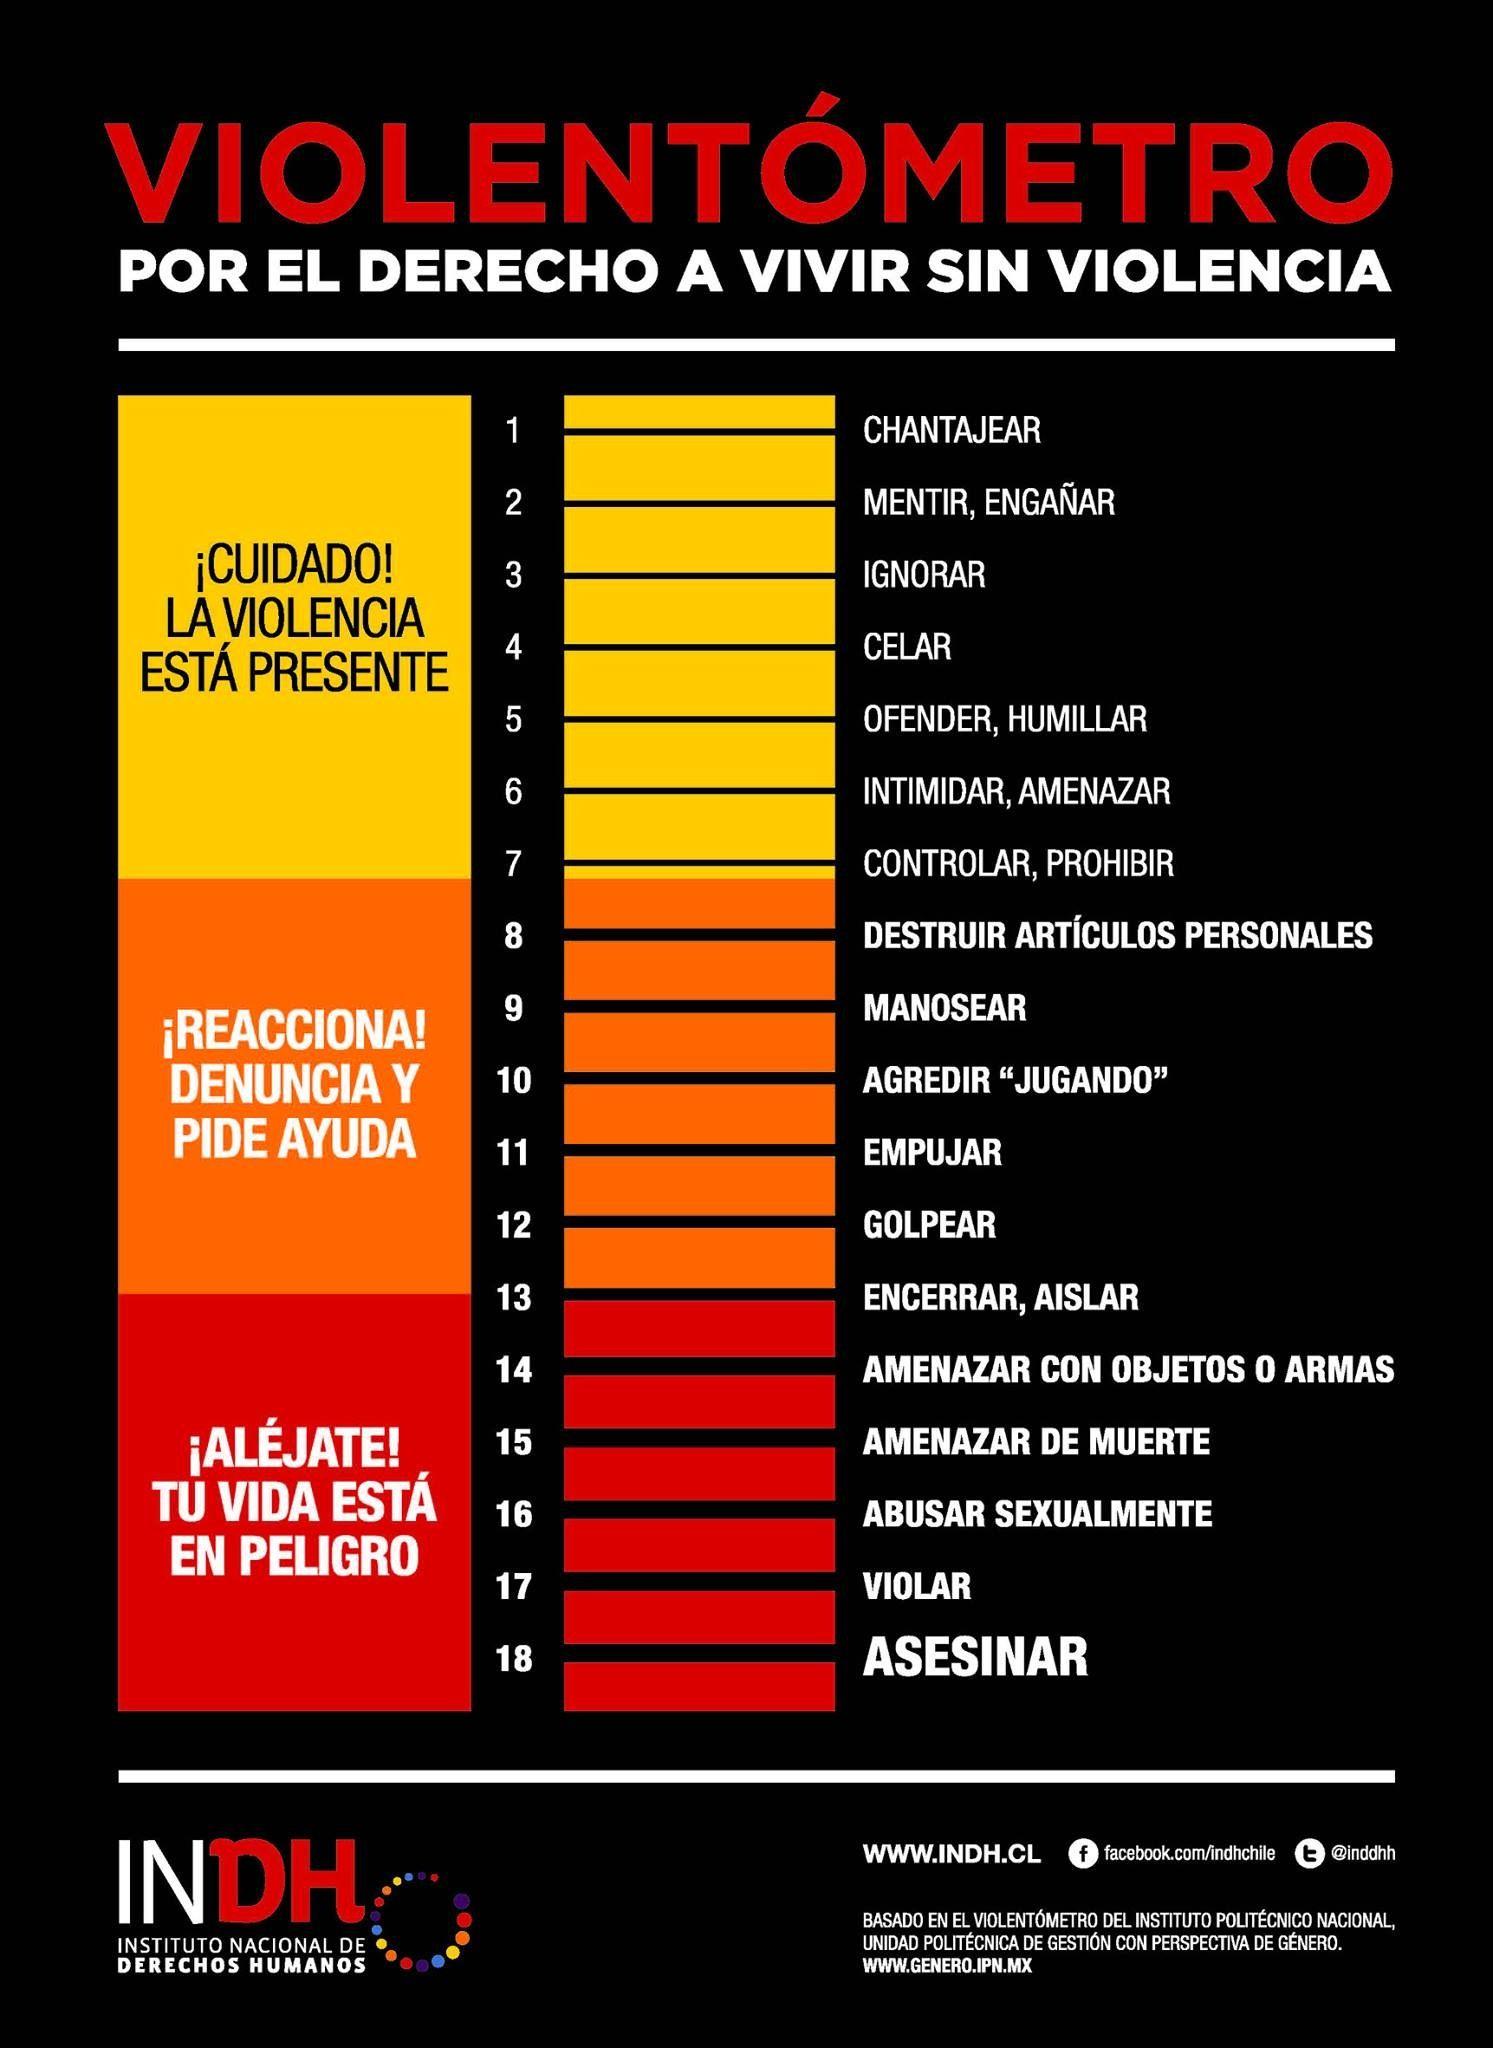 Termometro De La Violencia Violentometro Violencia Violencia